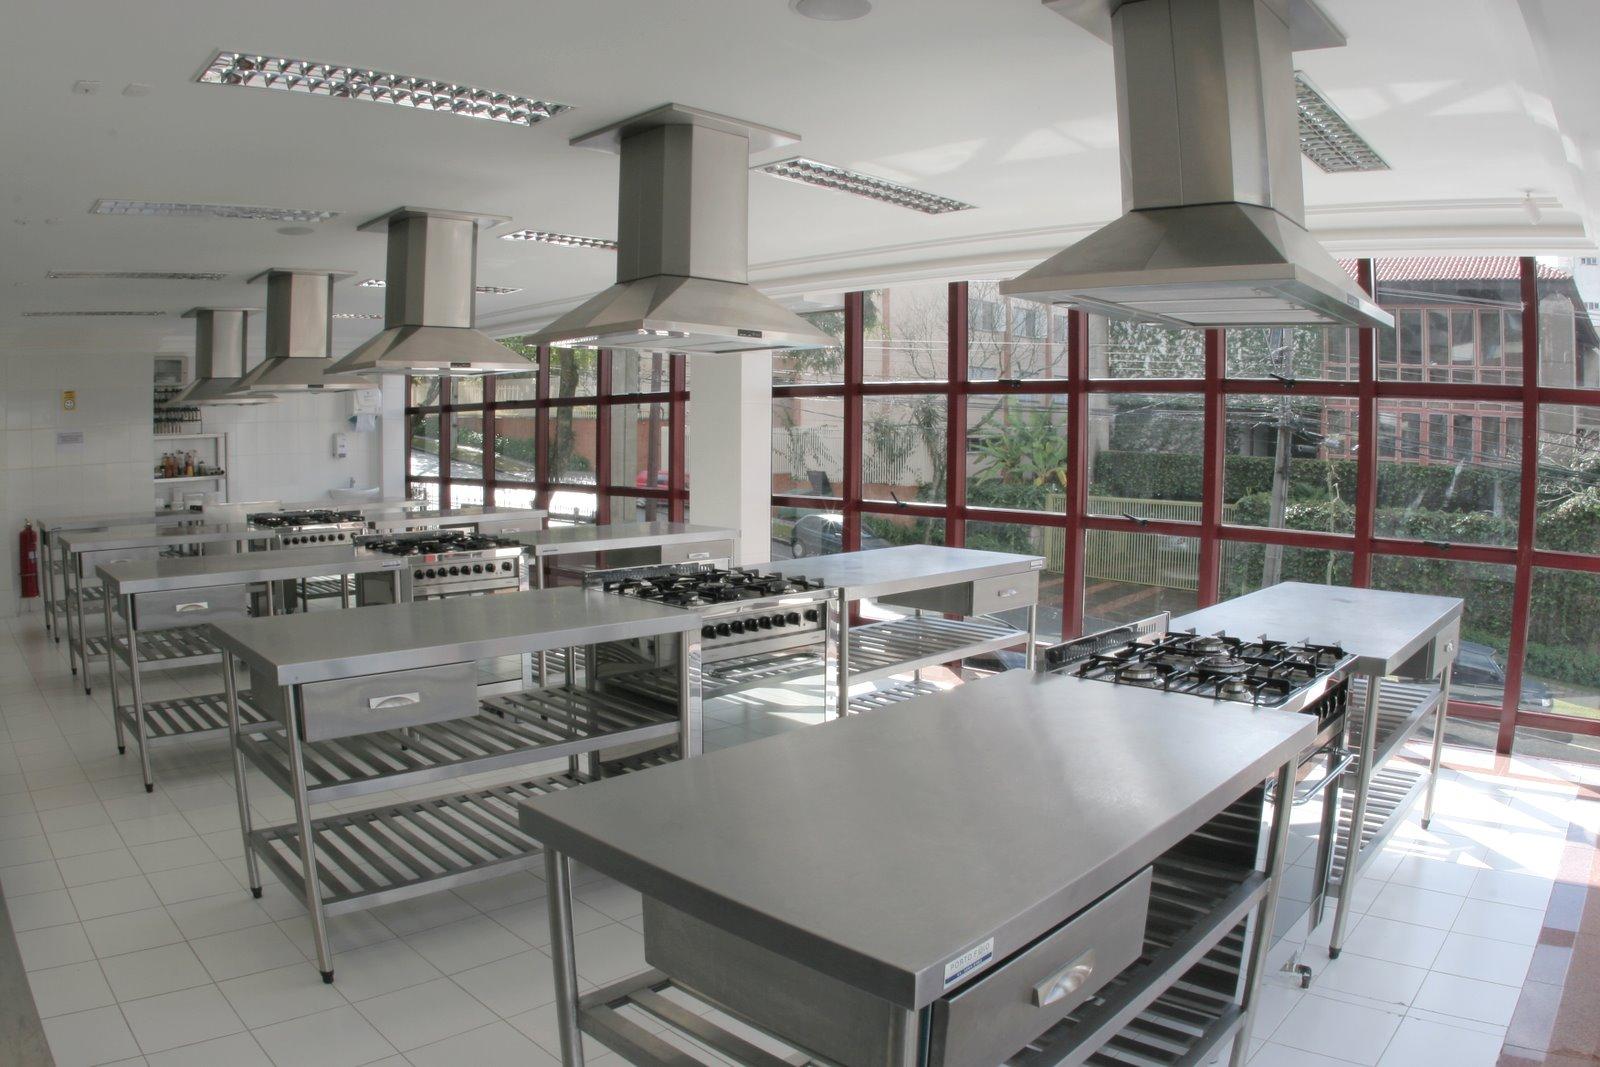 Limpeza De Cozinhas Industriais Remover Manchas E Diccas De Limpeza